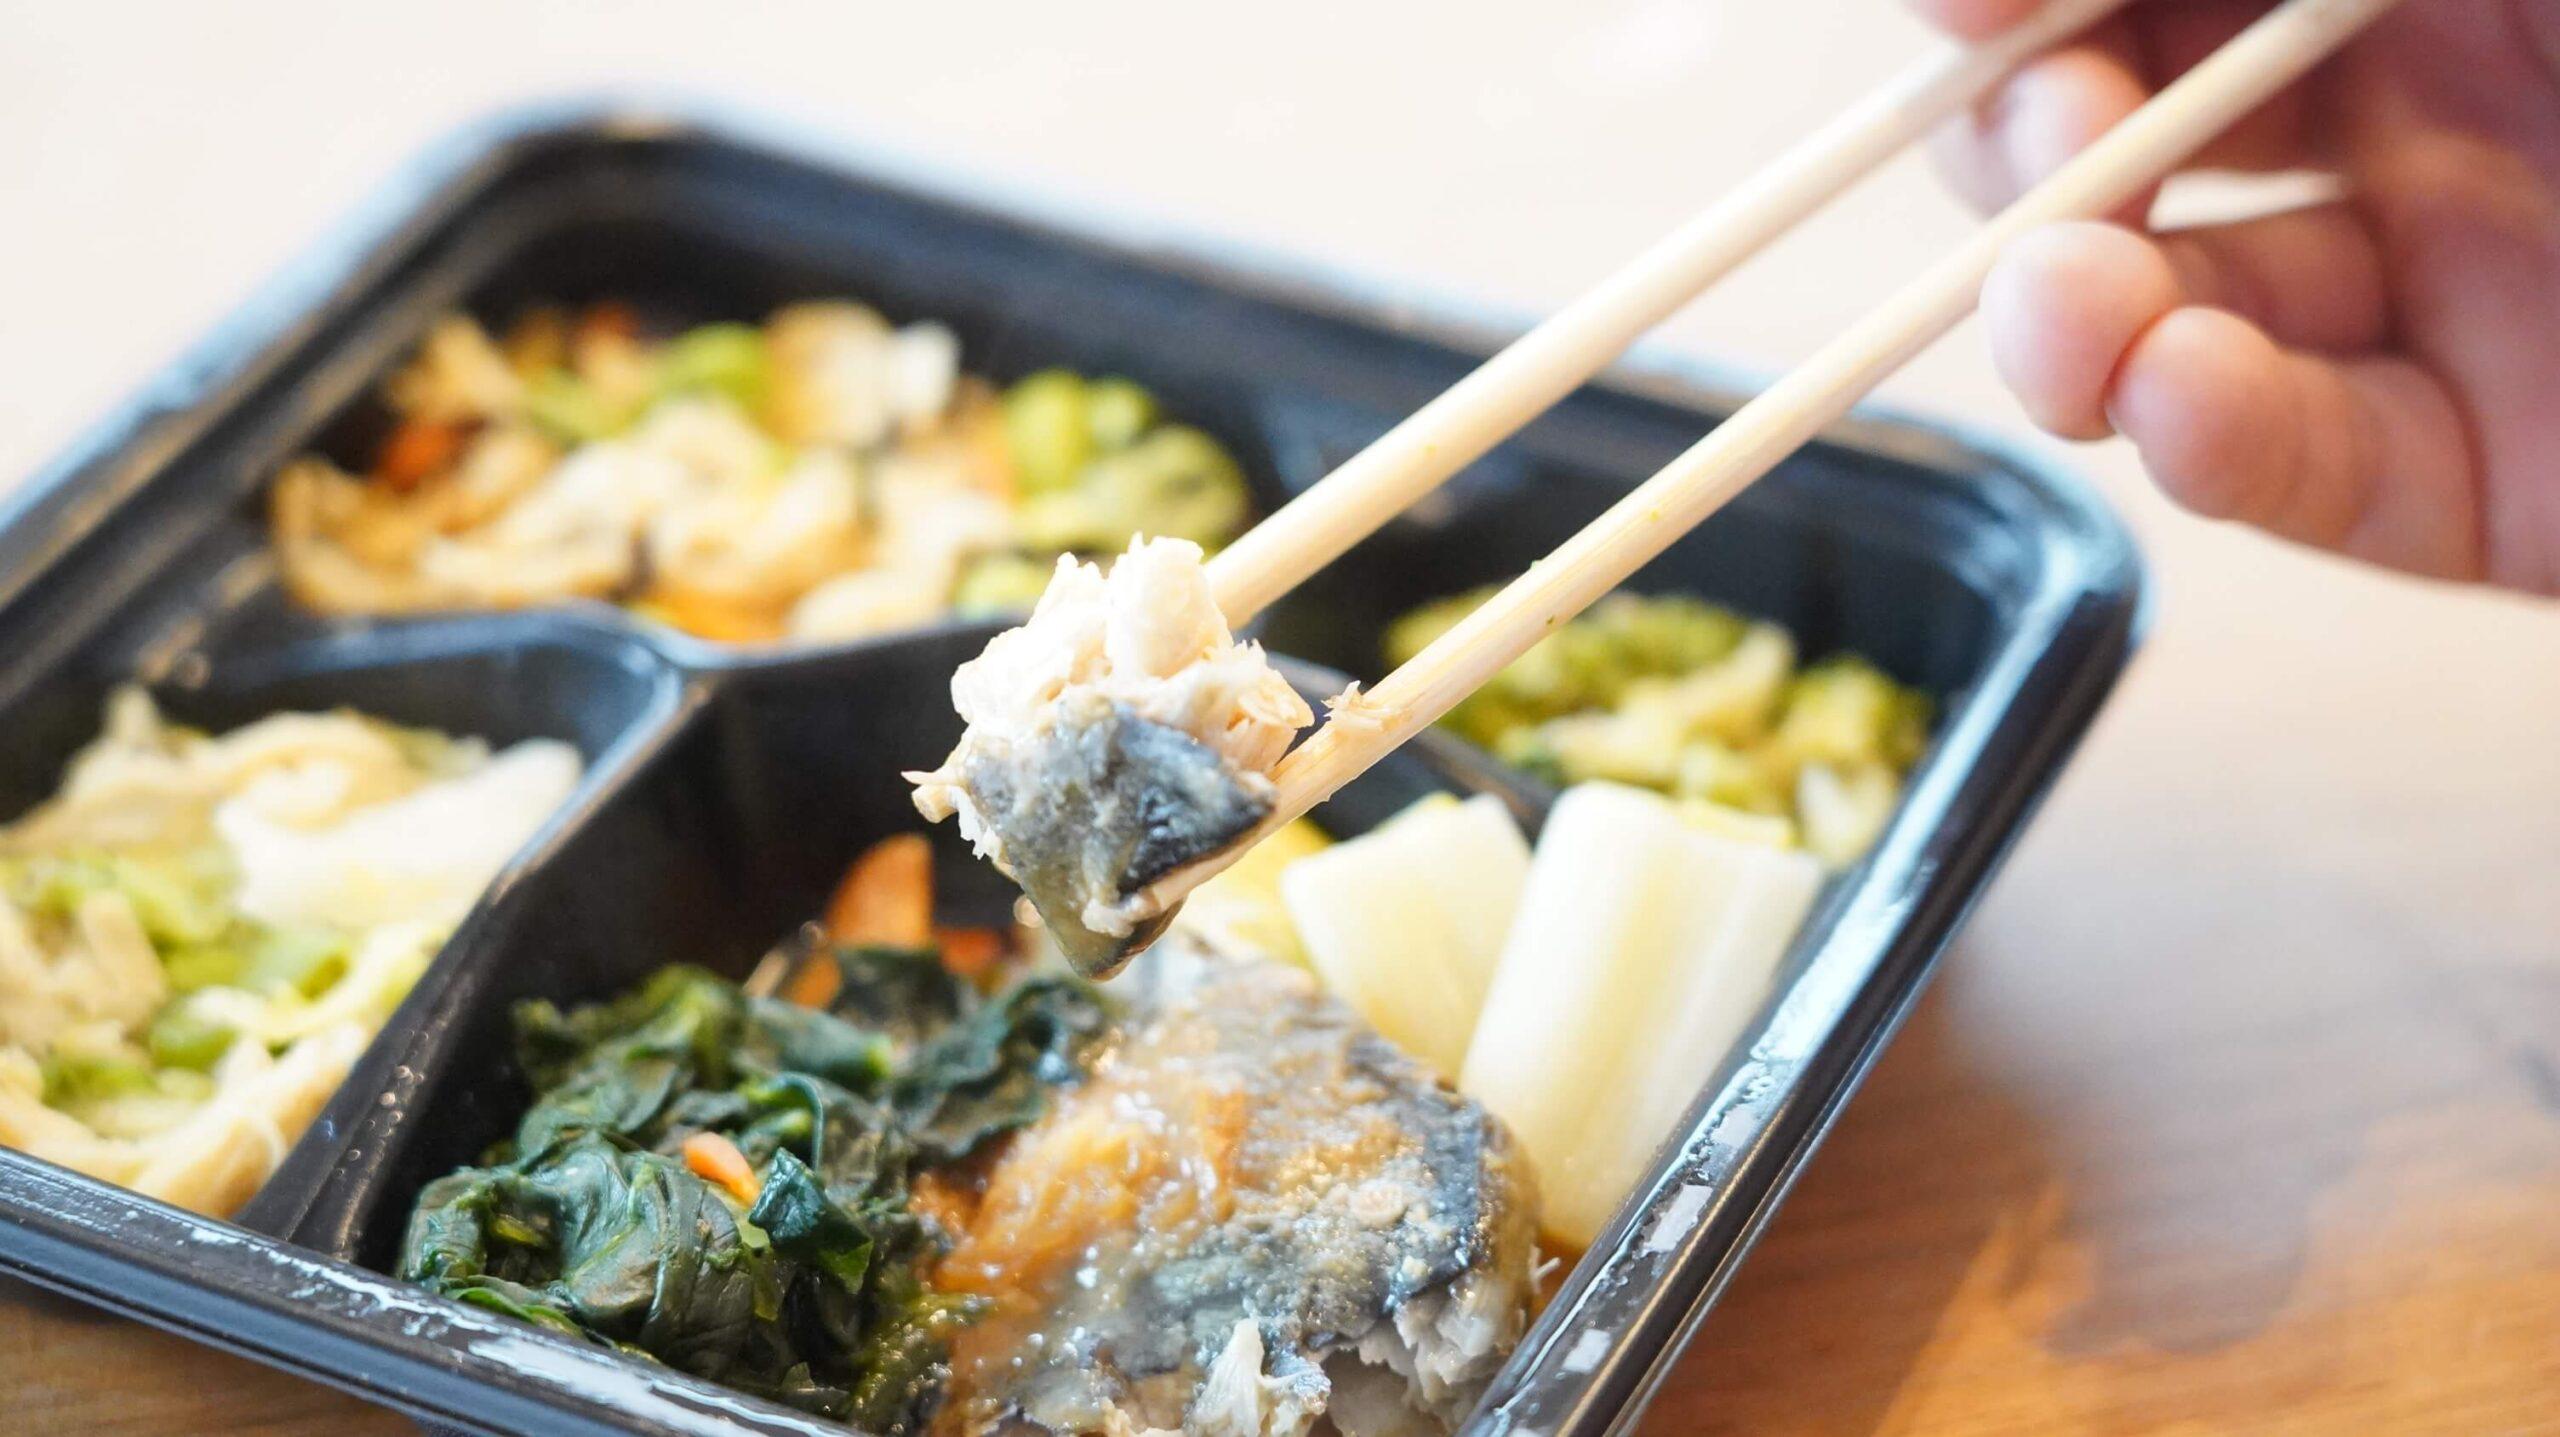 ライザップのサポートミール「さばの味噌煮」を箸でつまんでいる写真